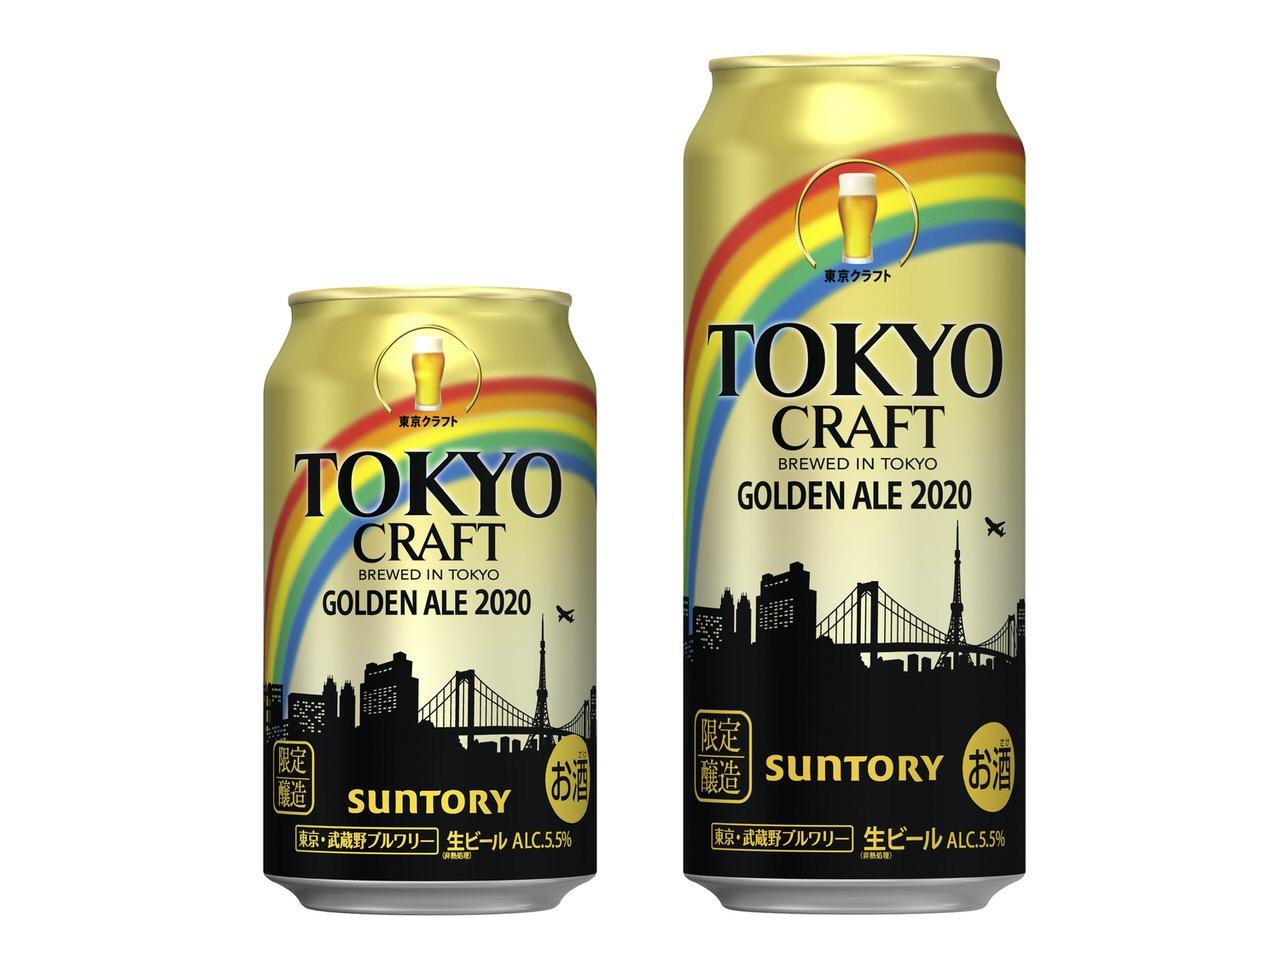 サントリー「TOKYO CRAFT(東京クラフト)〈ゴールデンエール〉」6月30日に季節限定発売